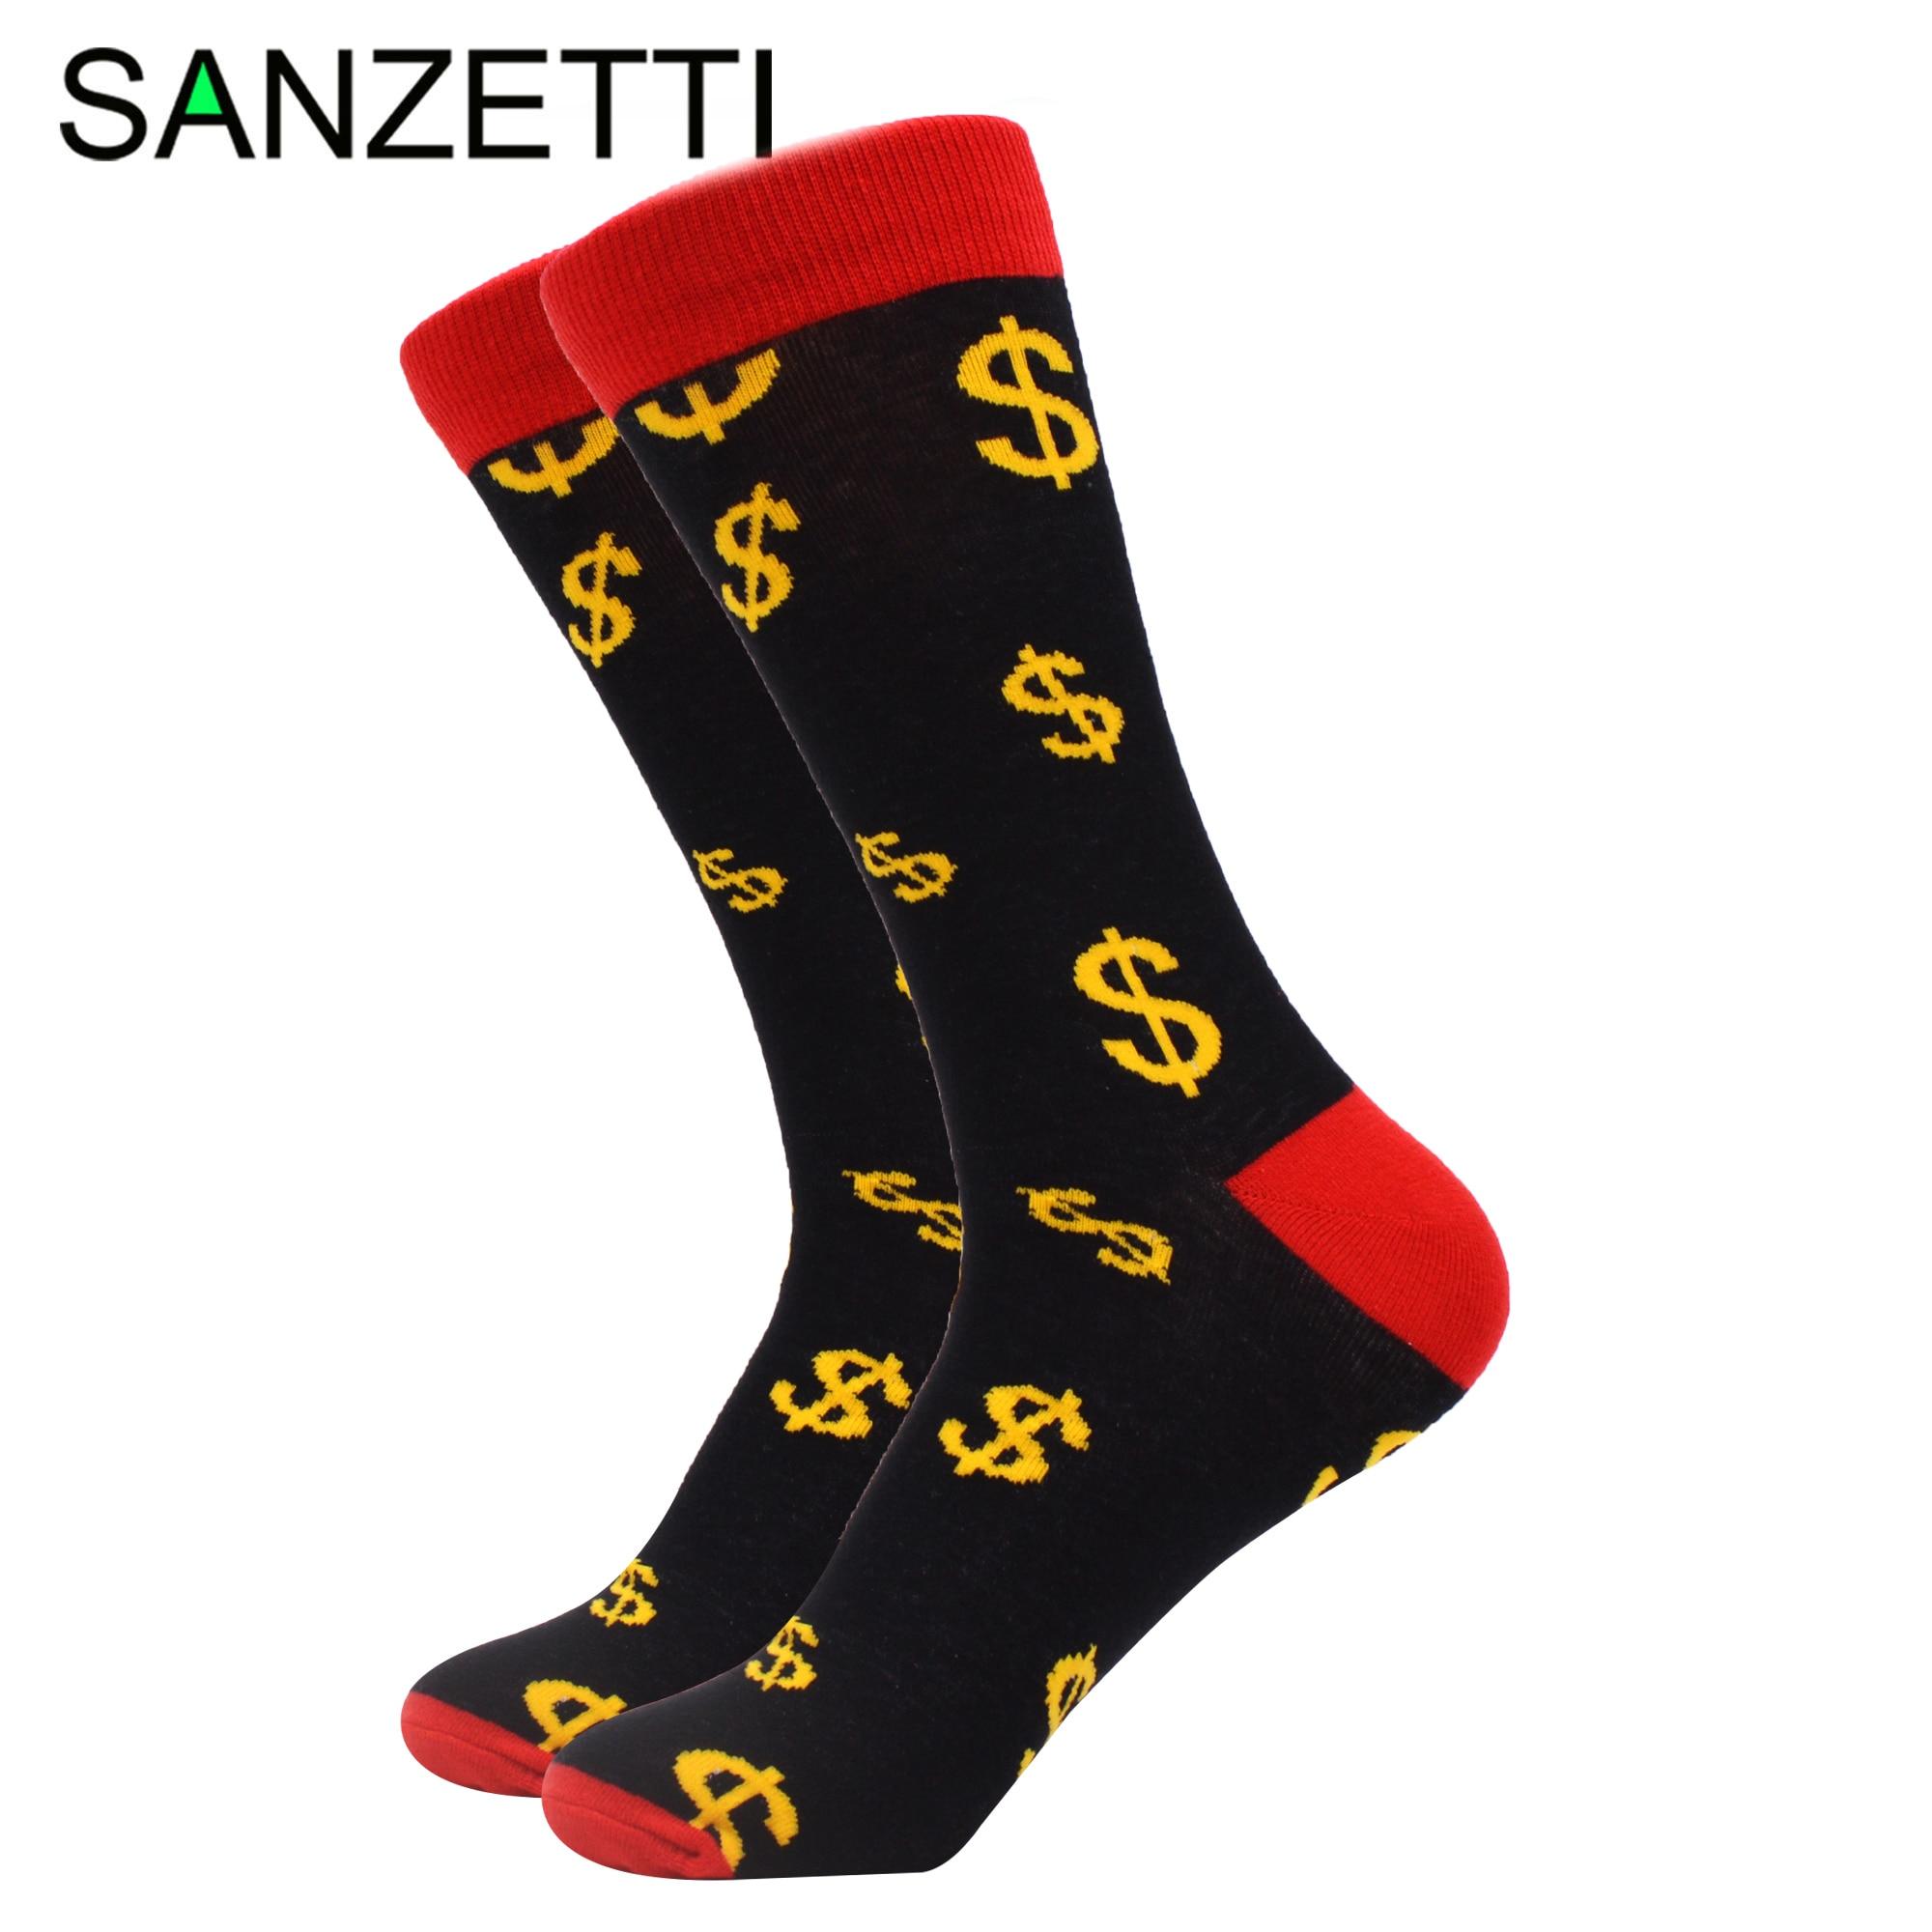 SANZETTI, 1 par de calcetines para hombre, algodón peinado cómodo feliz, novedad, divertido, guitarra, Dólar, gesto, patrón, boda, vestido divertido, calcetines